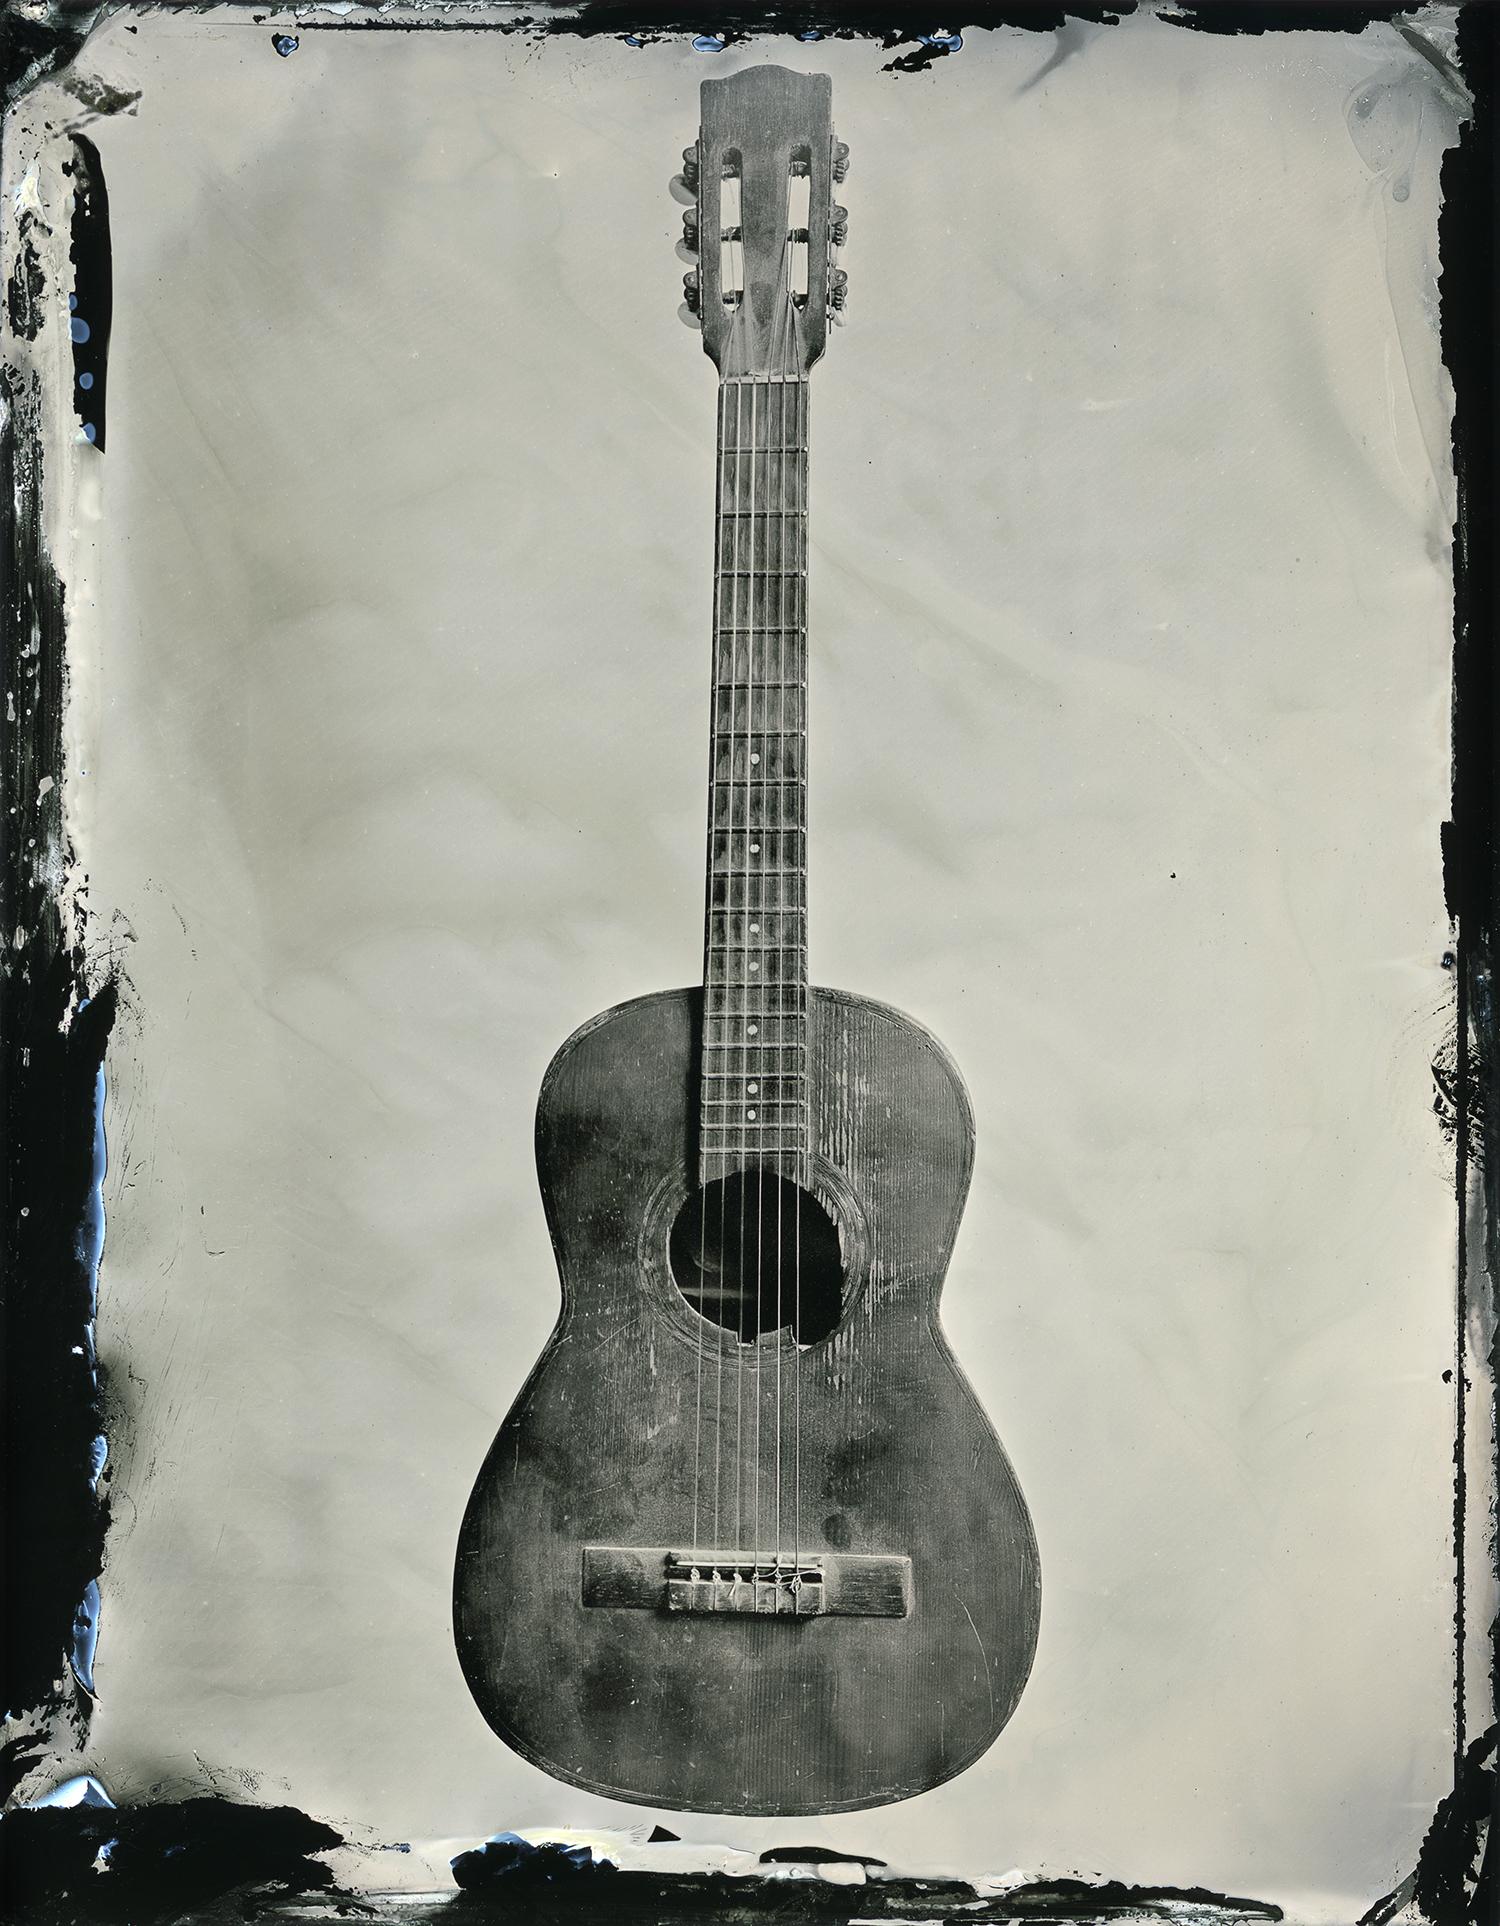 guitar_16x20_sec.jpg